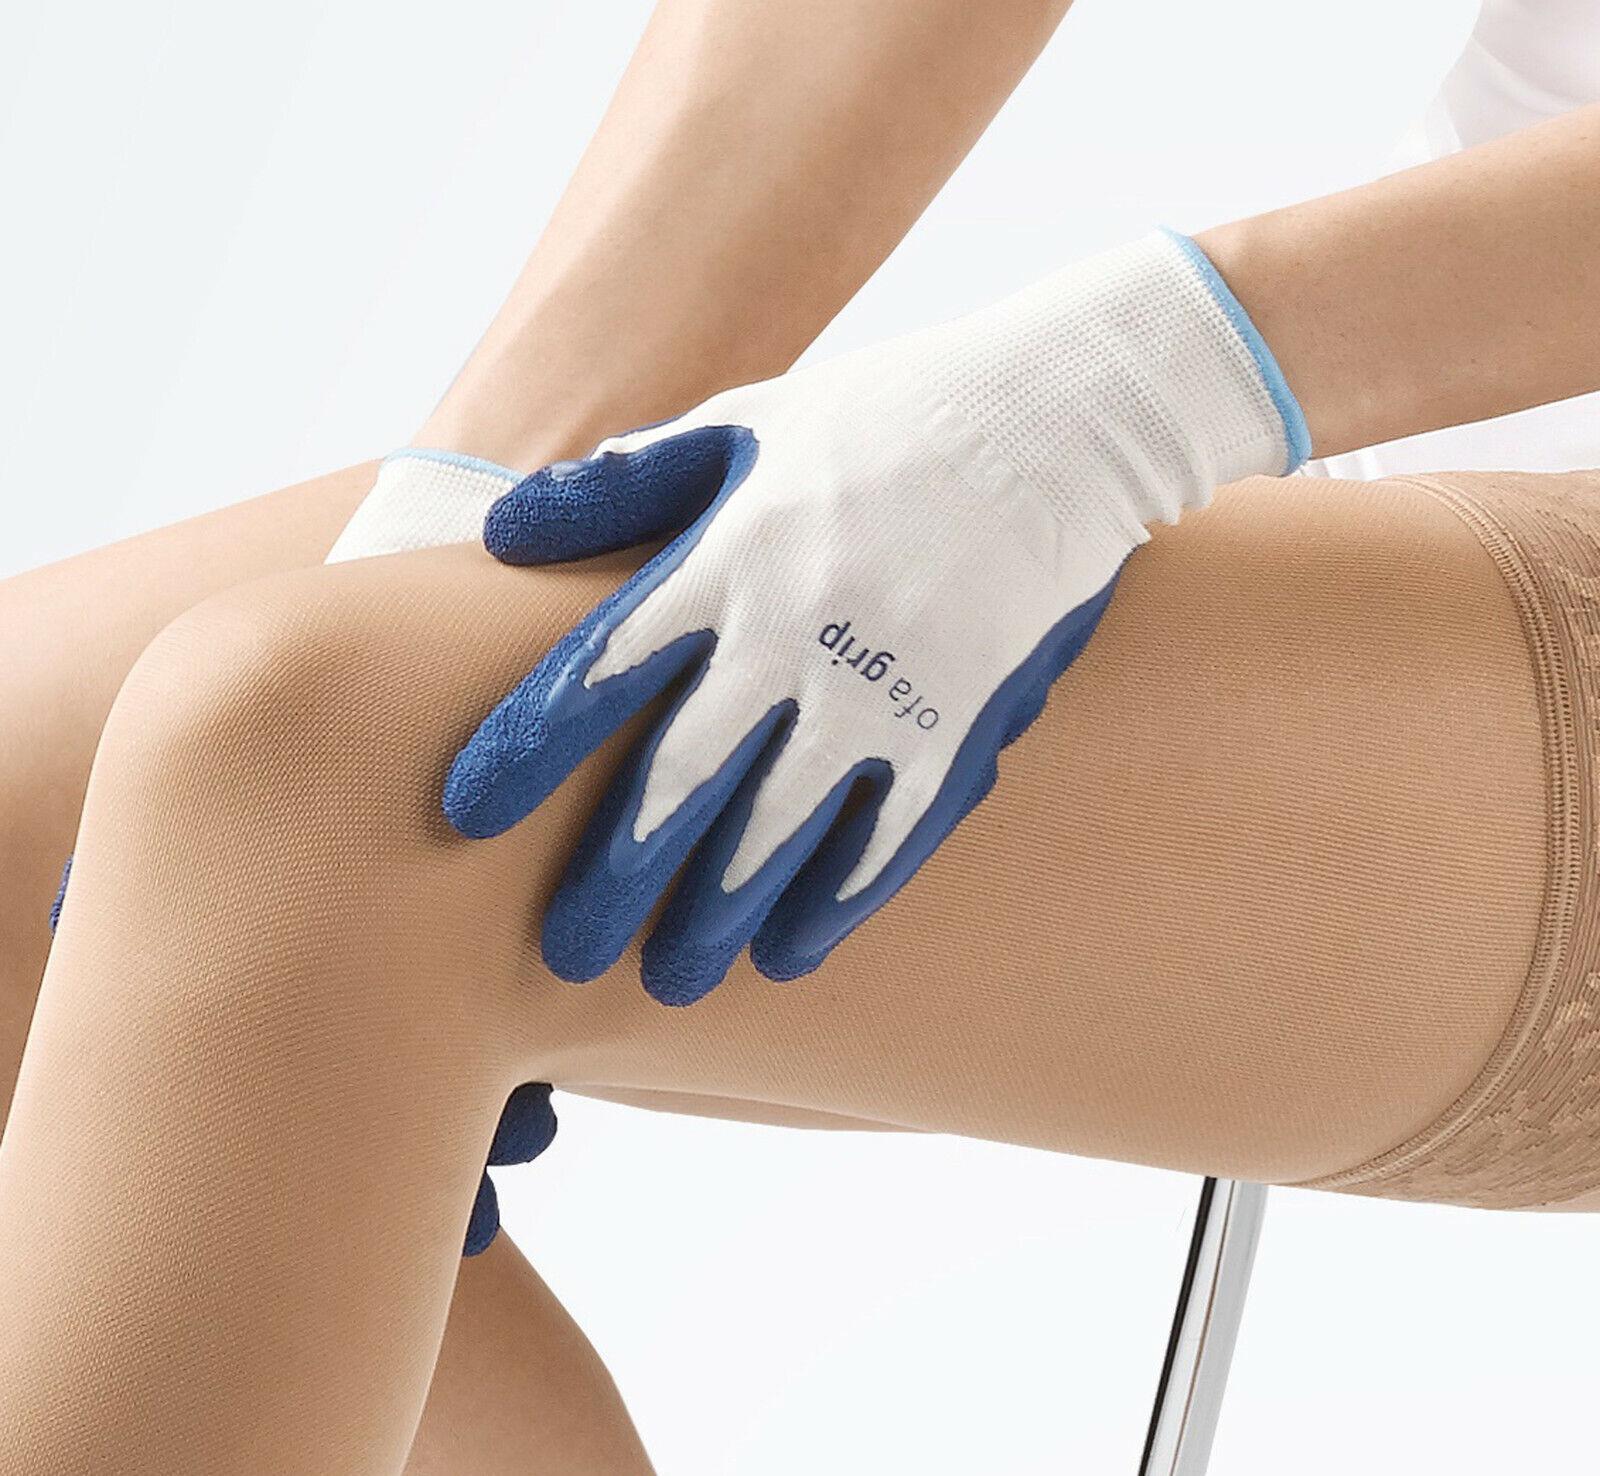 Ofa Grip Handschuhe zum Anziehen von Kompressionsstrümpfen Anziehhilfe